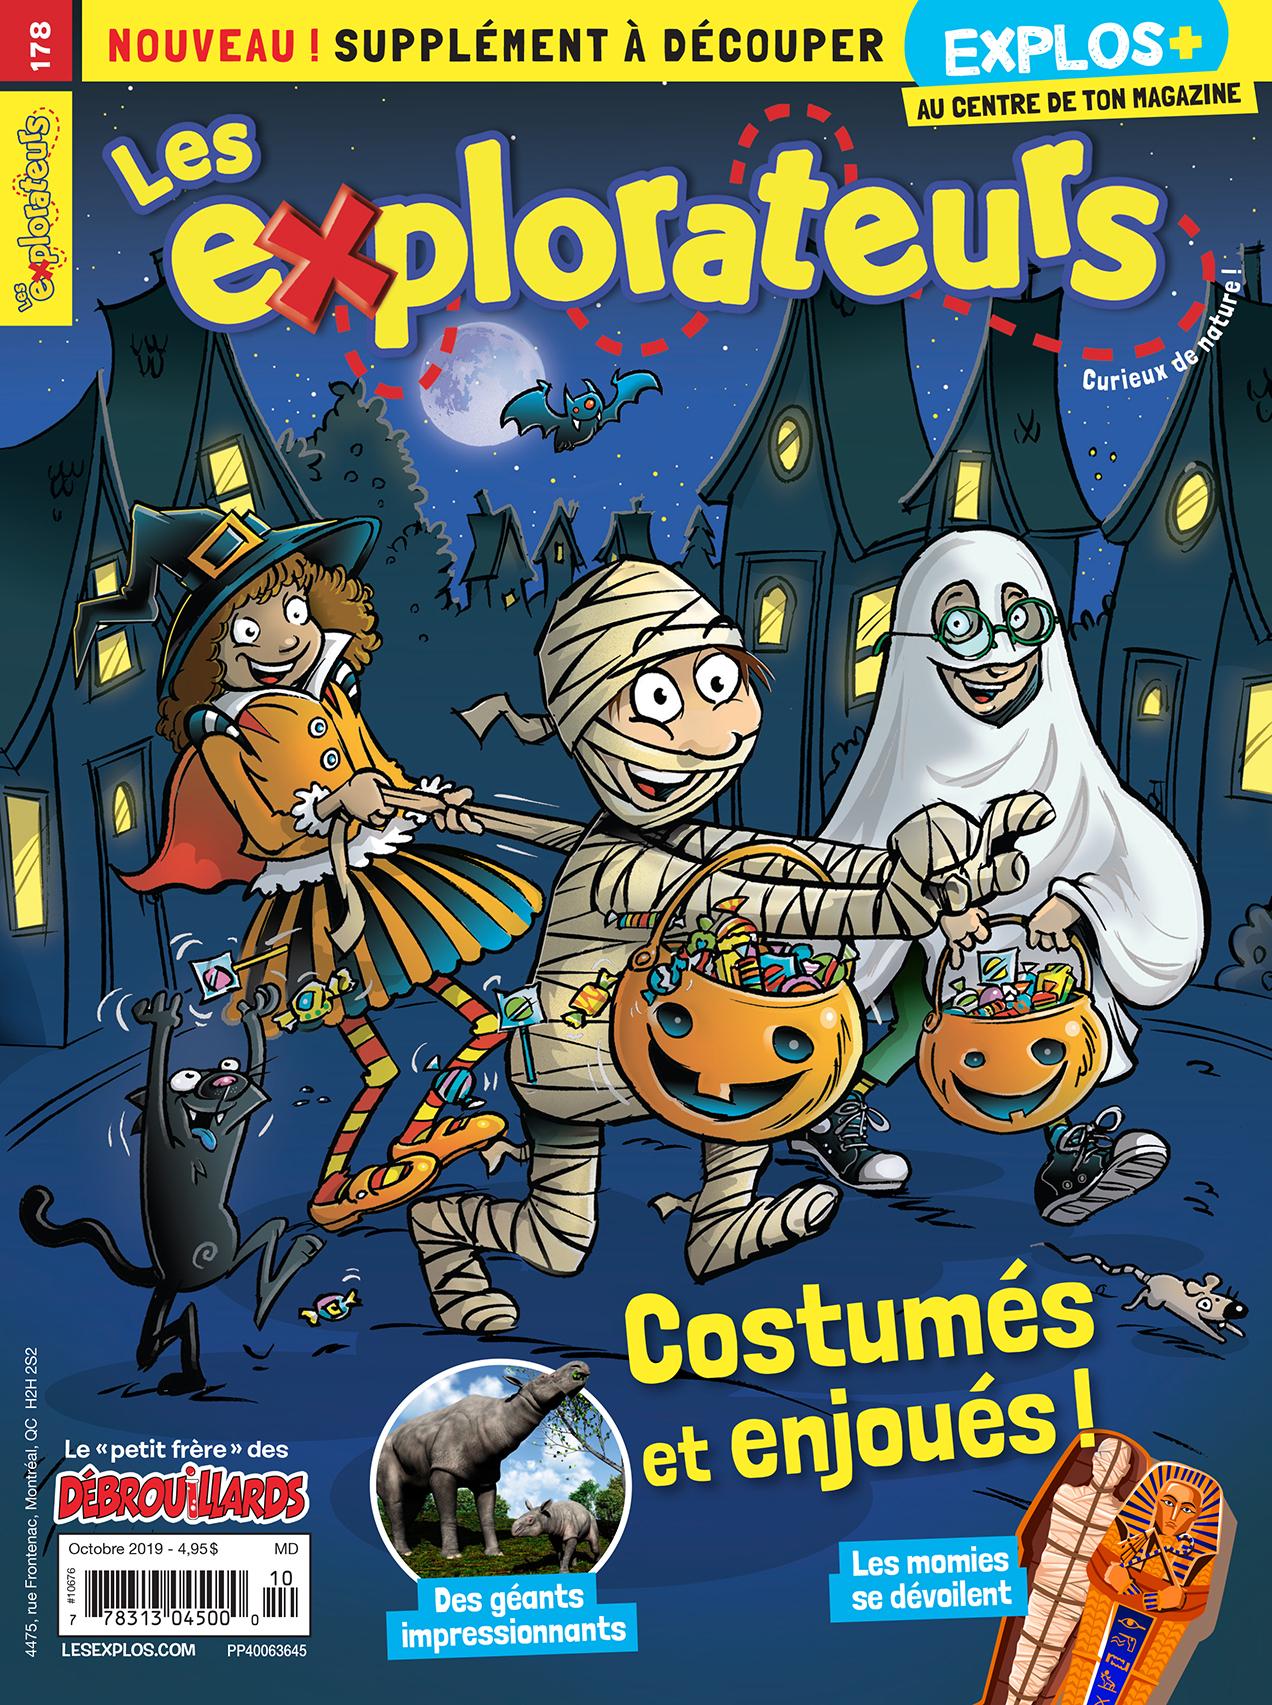 Les Explorateurs, no 178, Octobre 2019